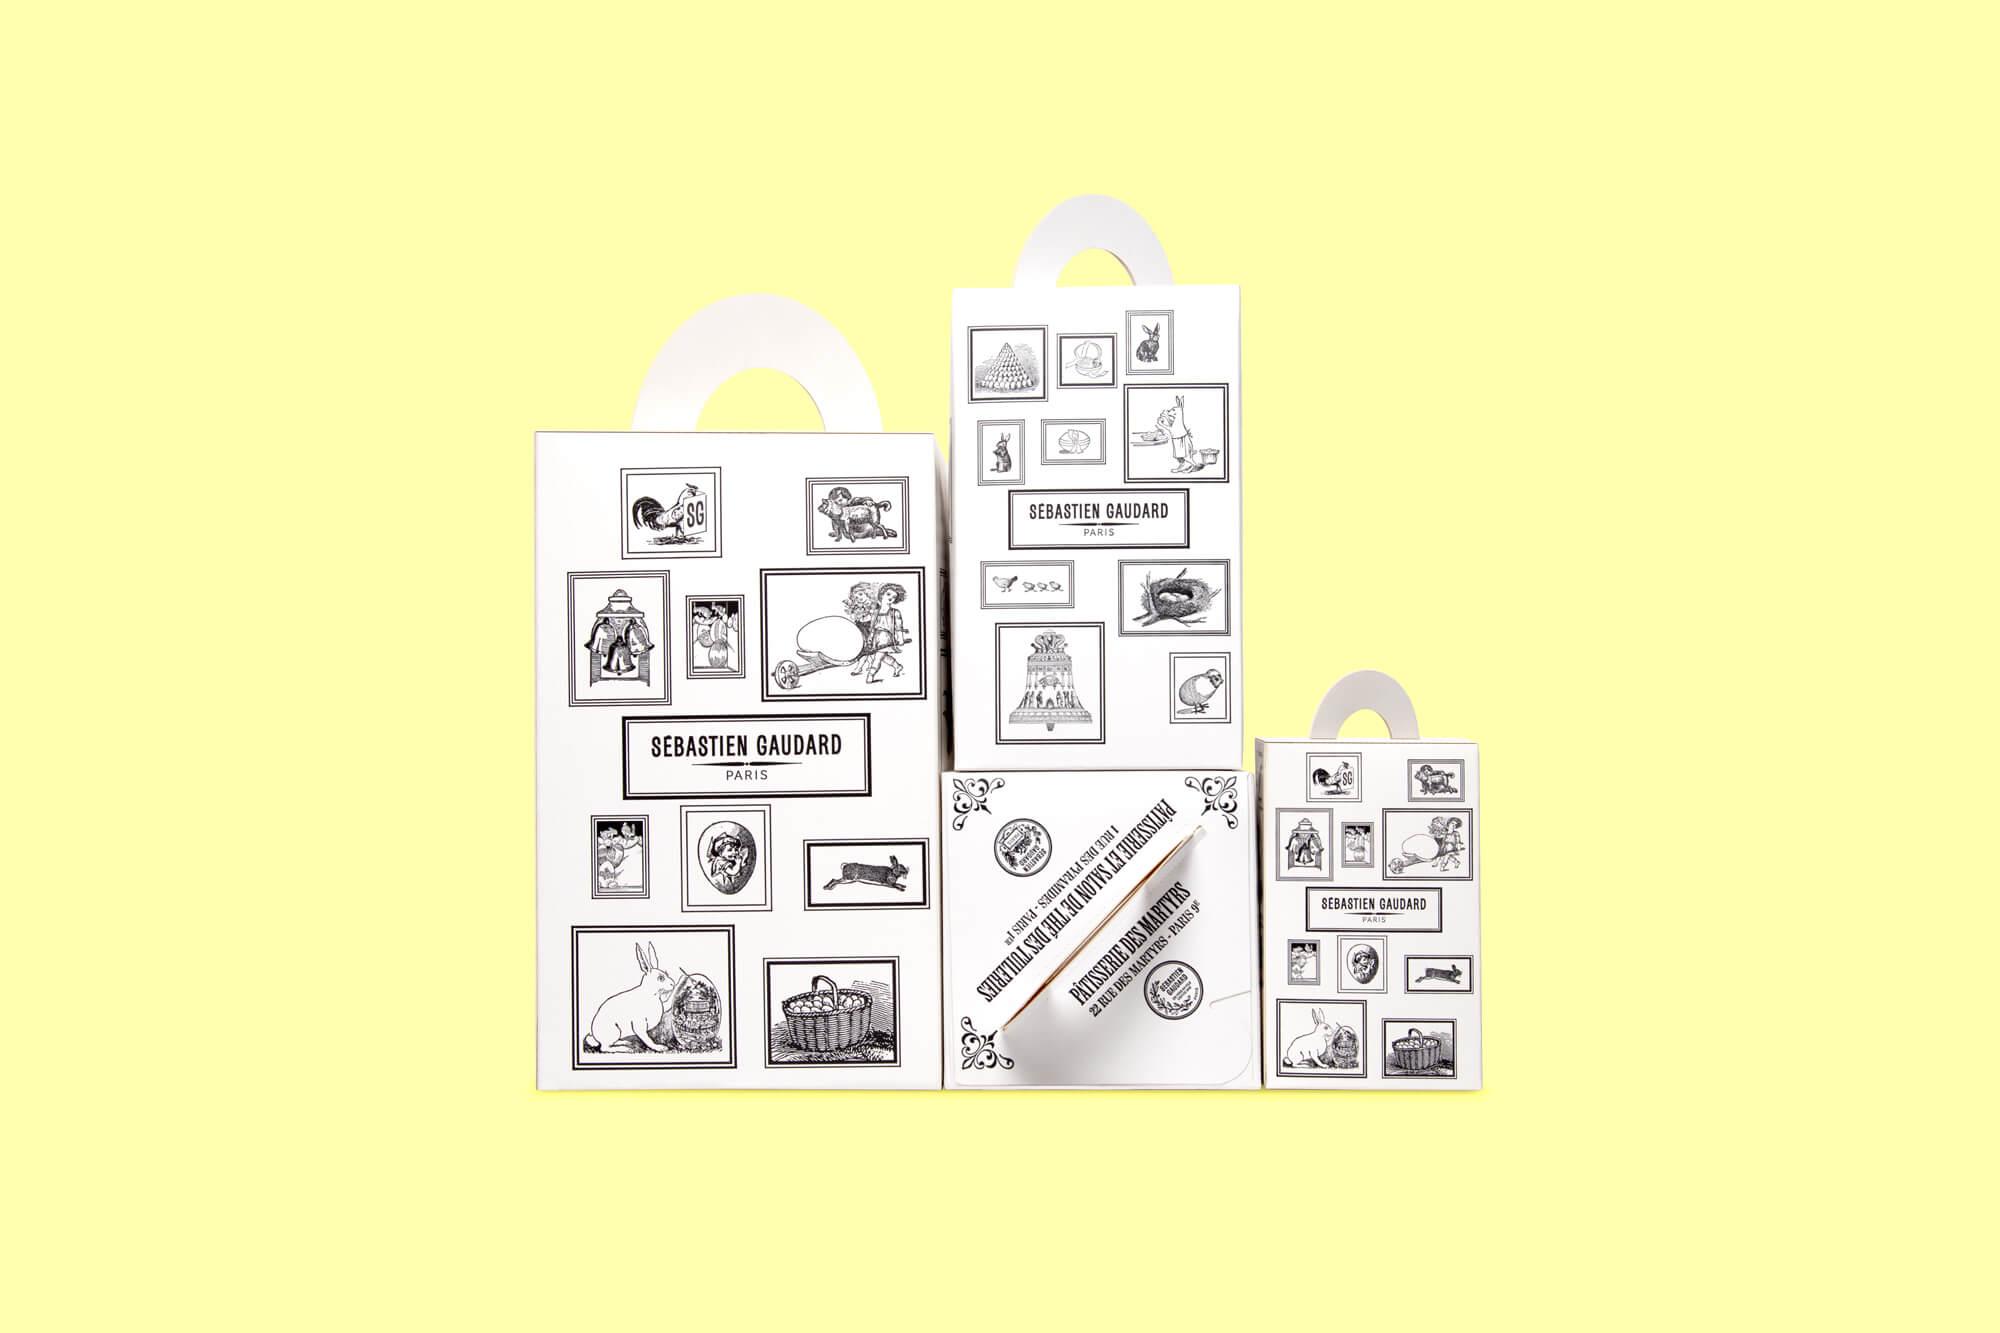 collection de boîtes pliantes dessinées pour la patisserie Sébastien Gaudard, illustrées de gravures anciennes par le studio IchetKar